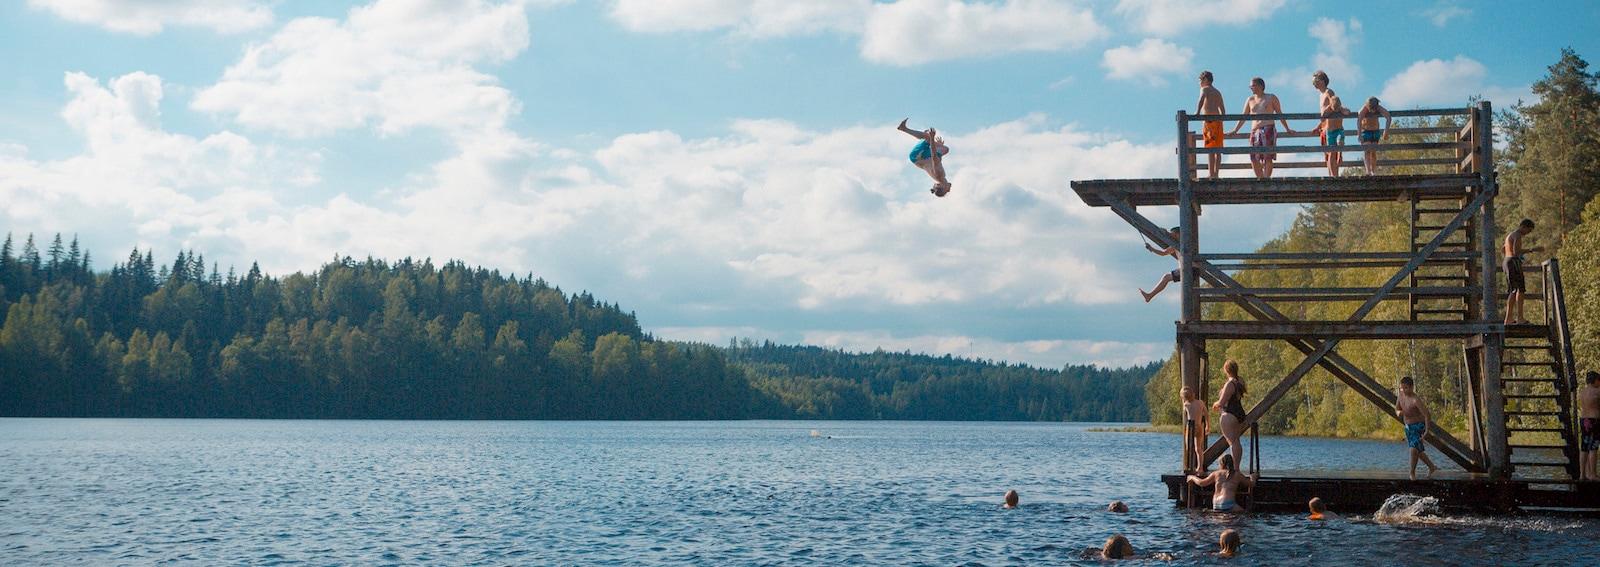 finlandia immagine hero grande